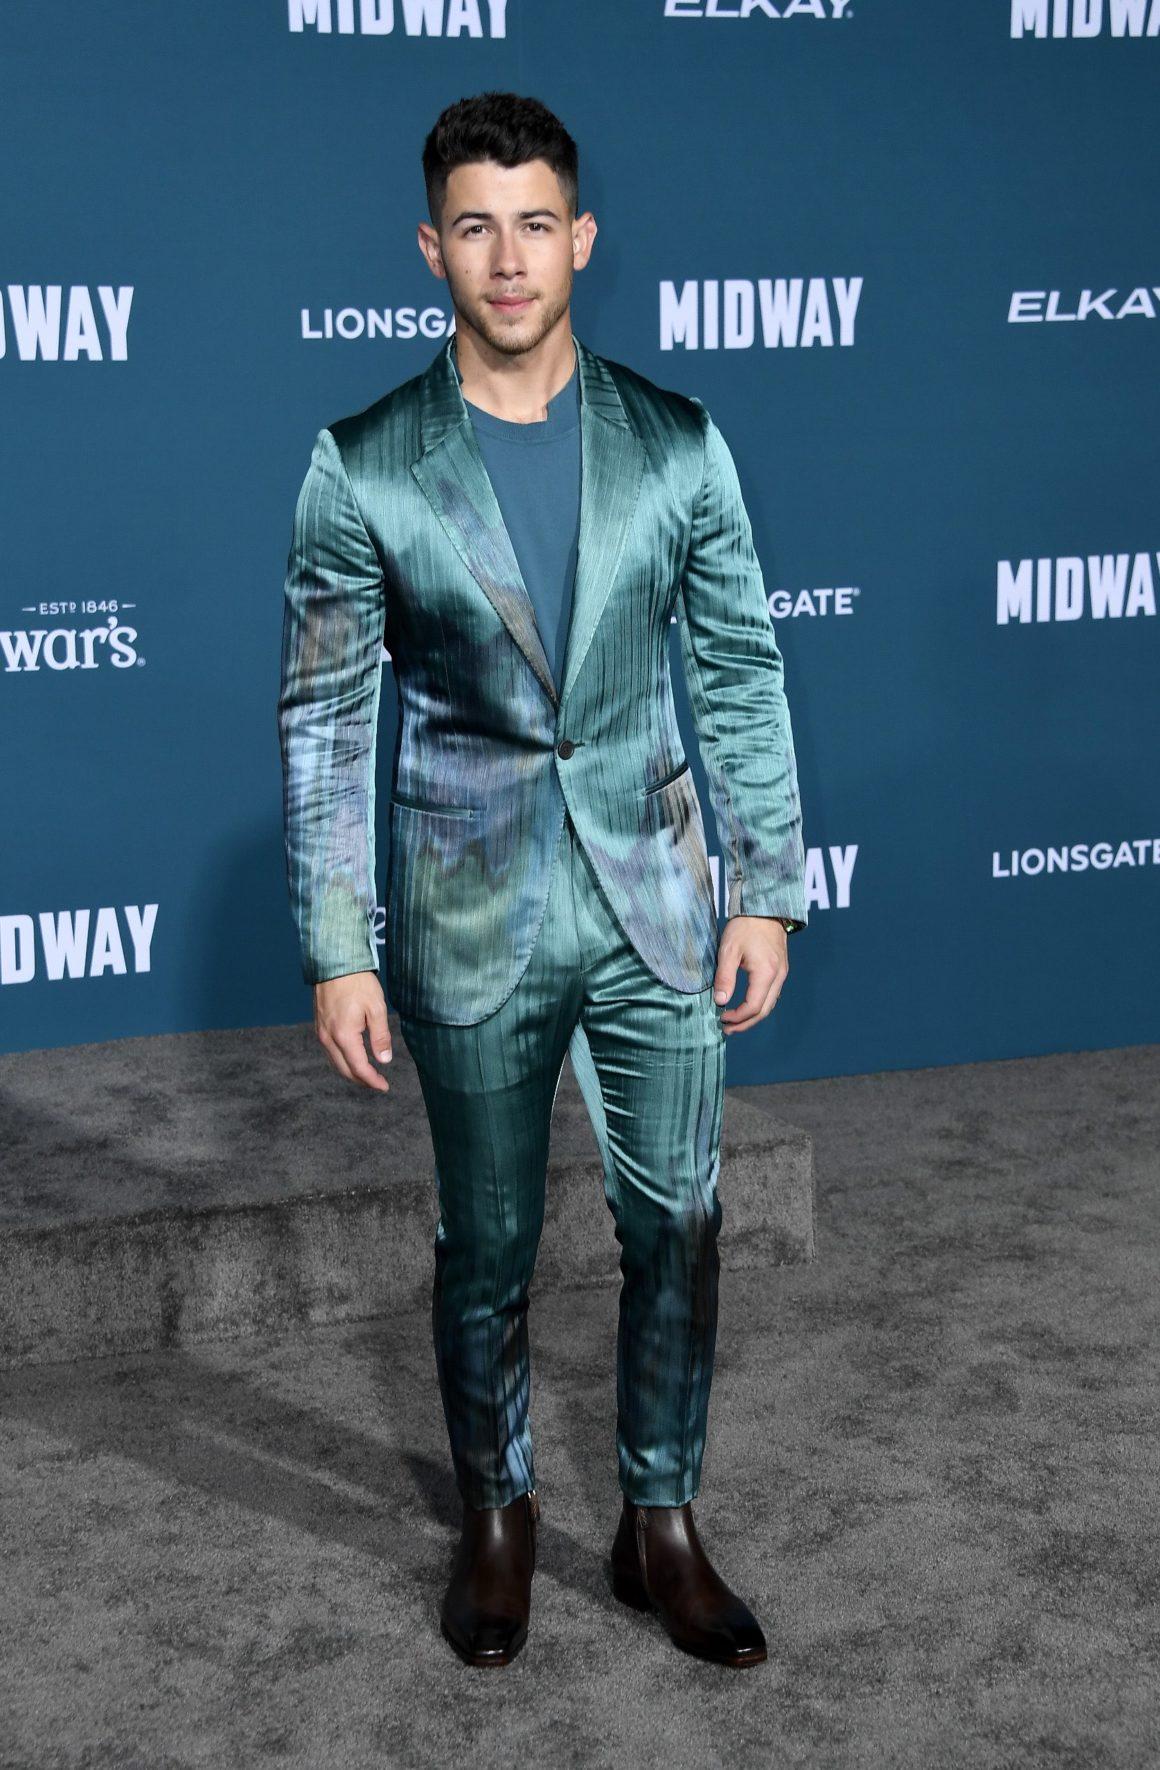 """Premiere Of Lionsgates' """"Midway"""" - Arrivals"""